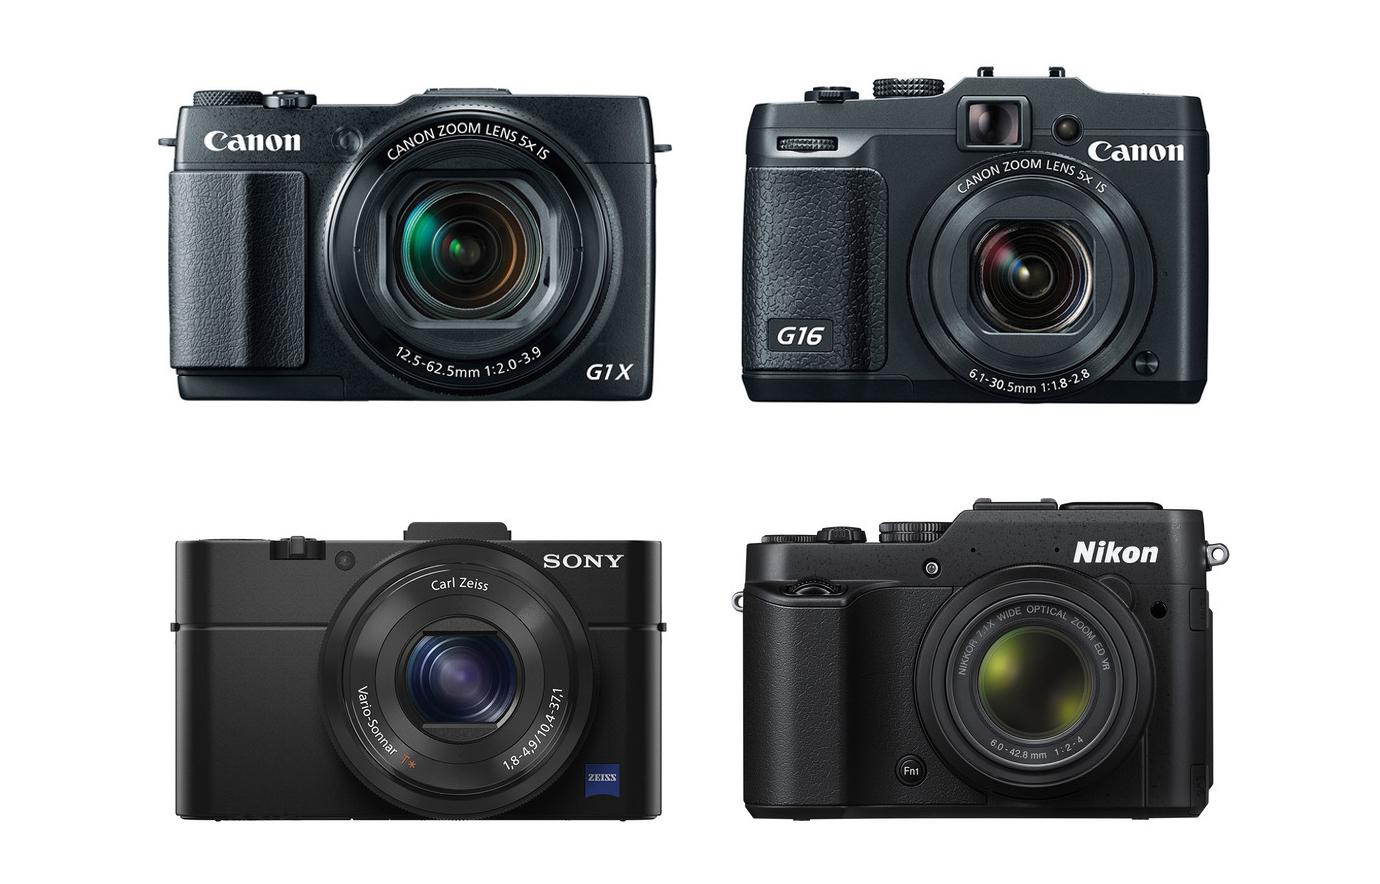 Lovable G1x Ii G16 Rx100 Ii P7800 Nikon Pix L100 Photos Nikon Pix L100 Ebay dpreview Nikon Coolpix L100